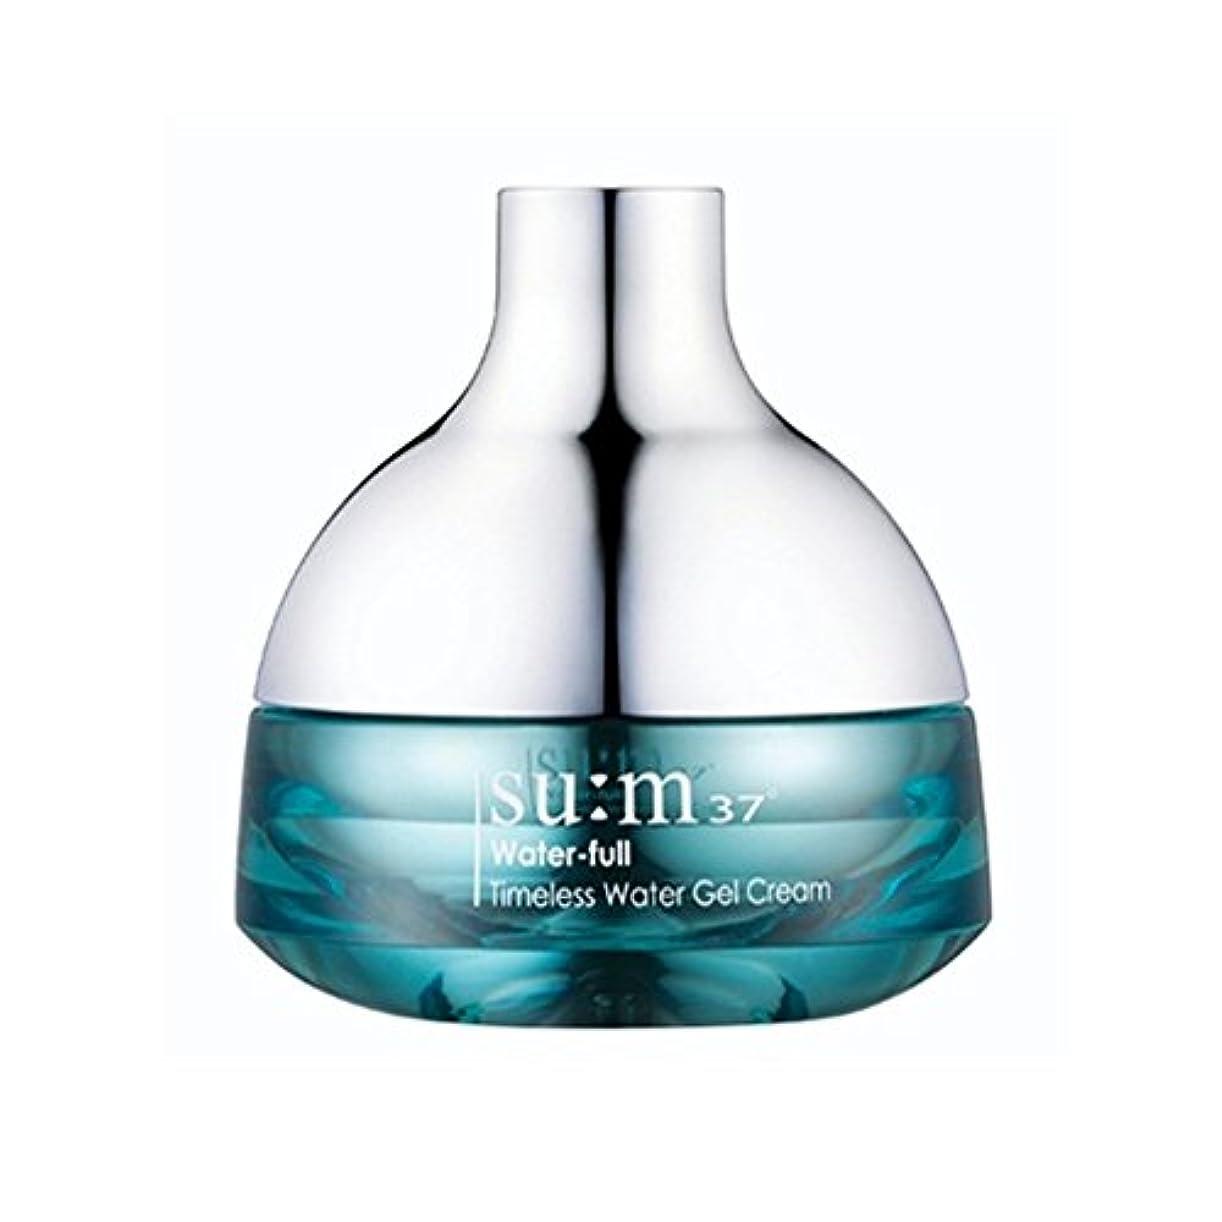 たくさんの紳士気取りの、きざな降雨[su:m37/スム37°] SUM37 Water-full Timeless Water Gel Cream 50ml/WF07 sum37 ウォータフル タイムレス ウォータージェルクリーム 50ml +[Sample...